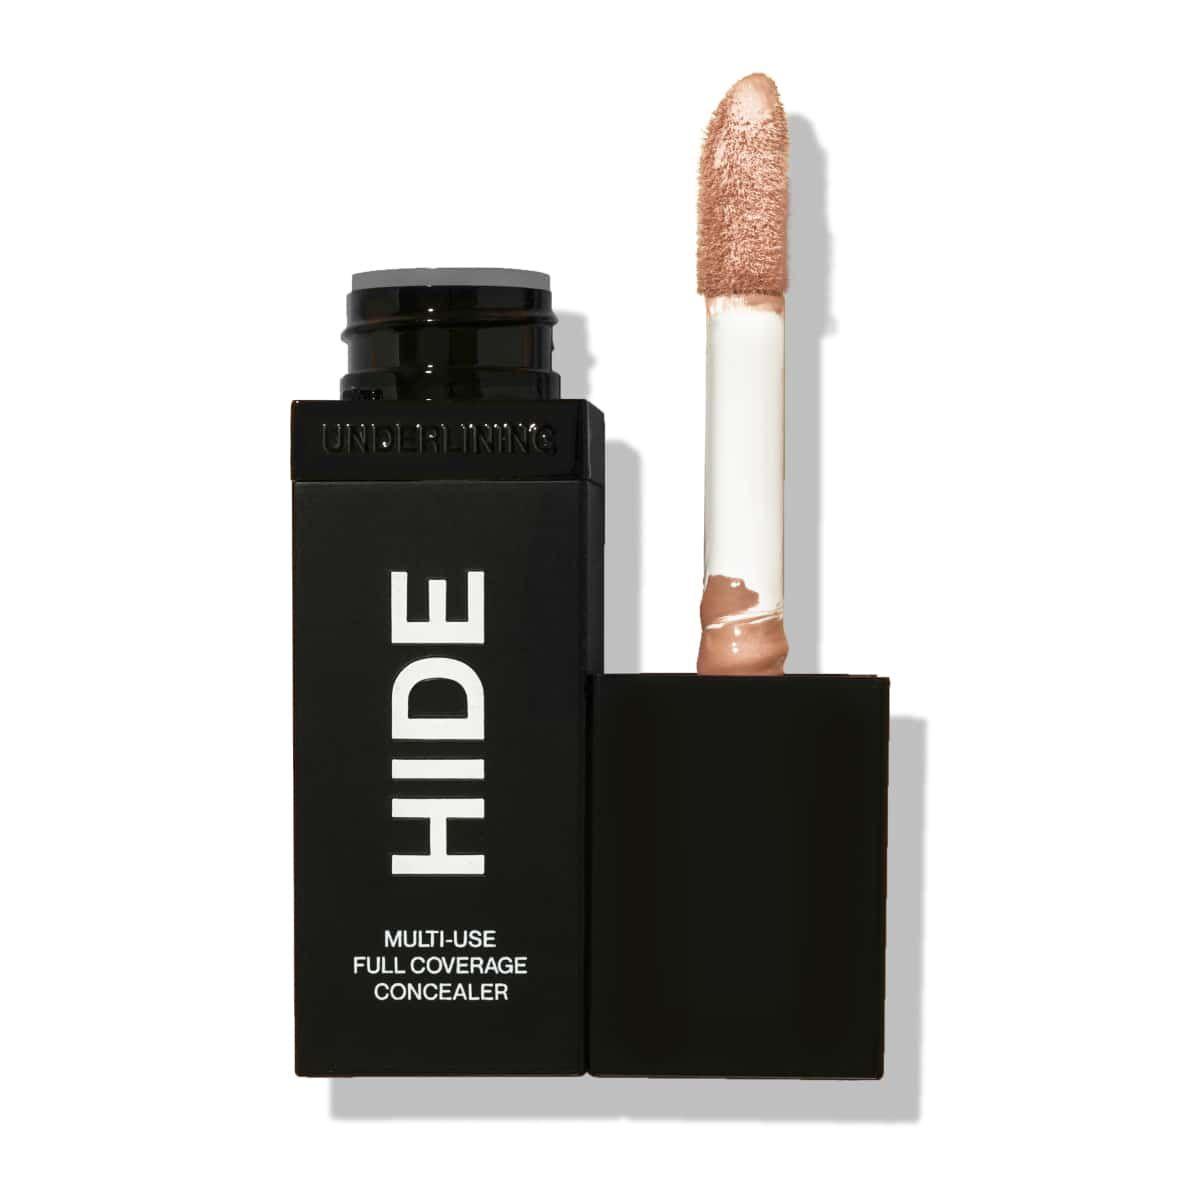 HIDE™ Premium Concealer